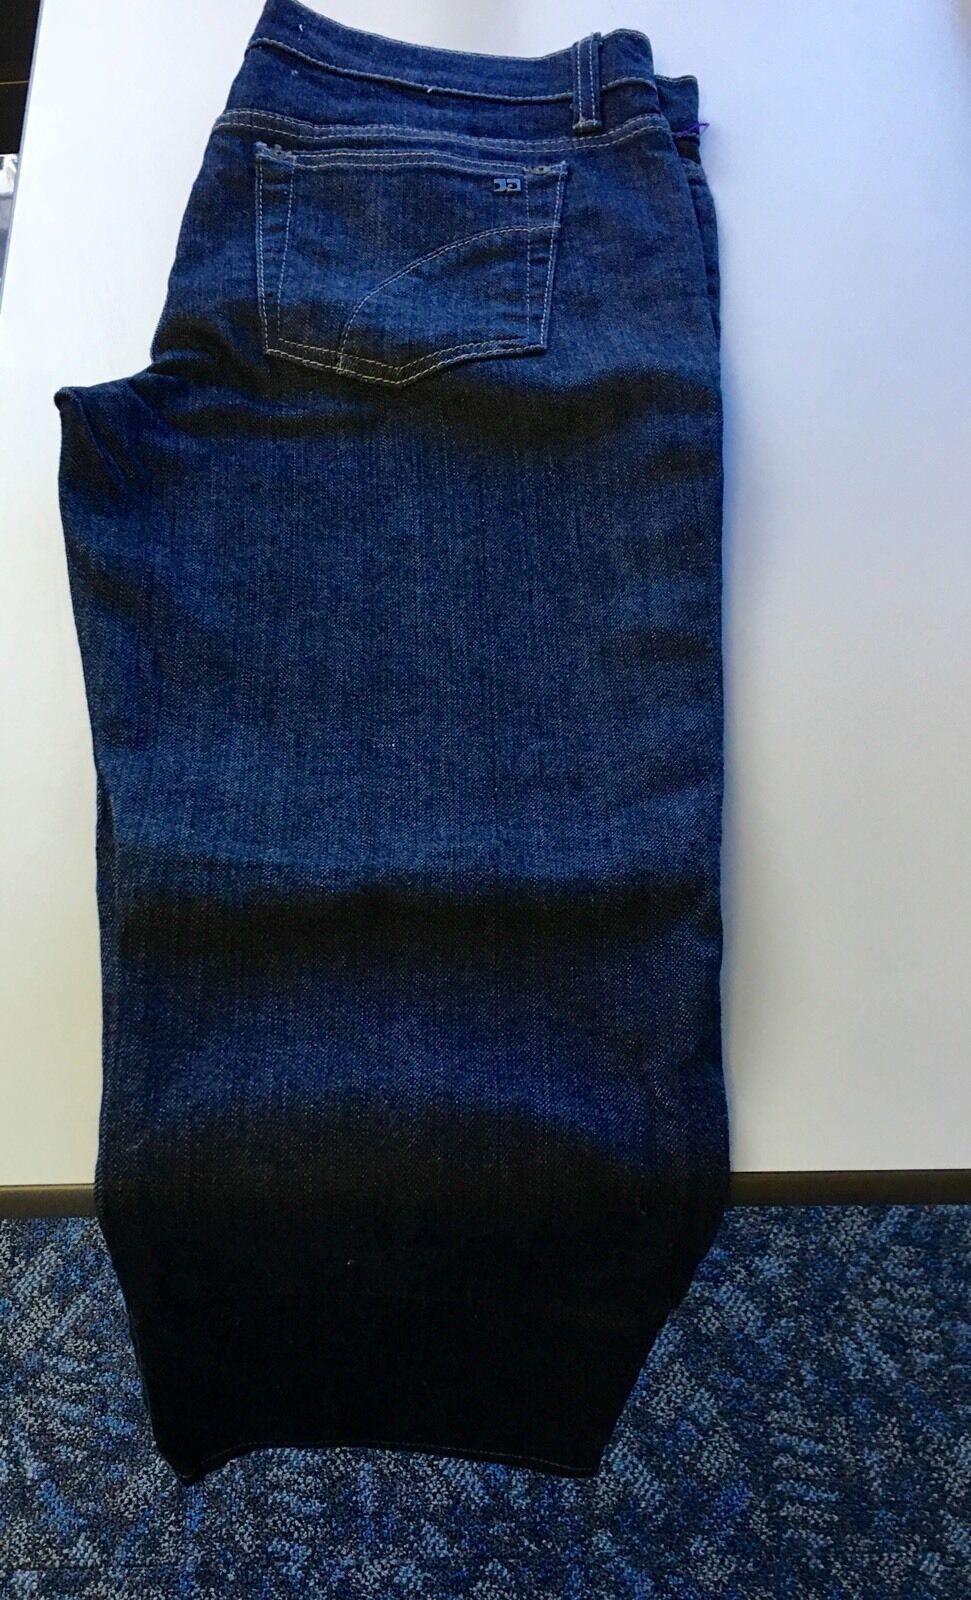 Joe's Jeans Provocateur Bootcut Dark Wash Jeans 30